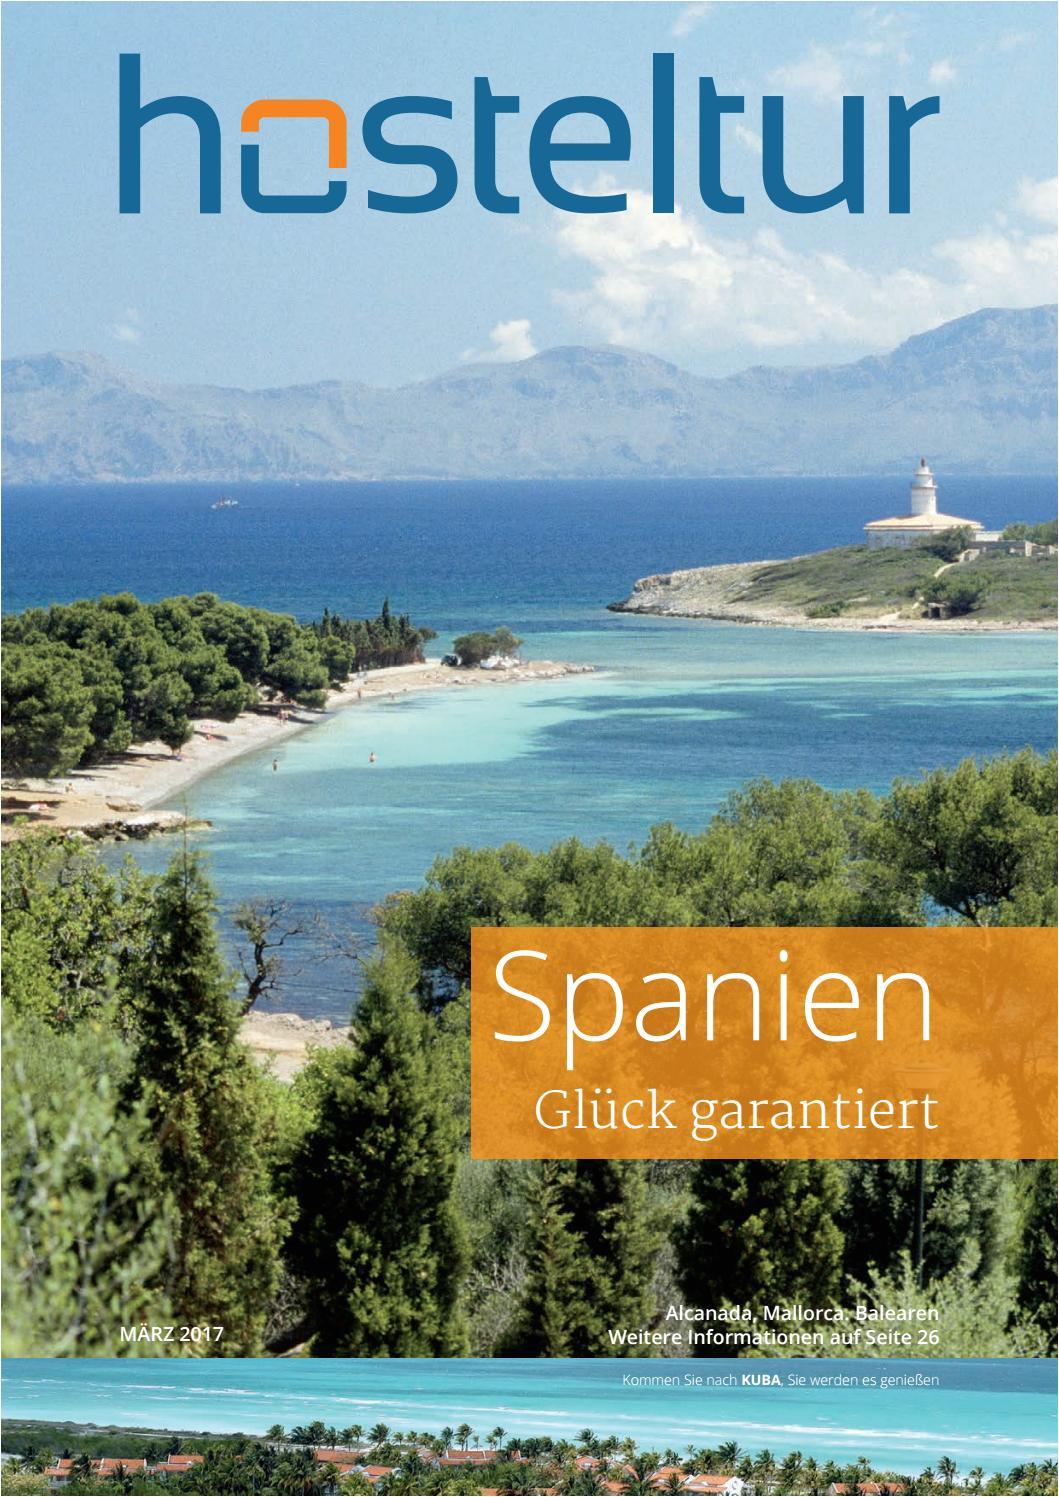 hosteltur spezial itb 2017 spanien gluck garantiert by hosteltur 2017 issuu